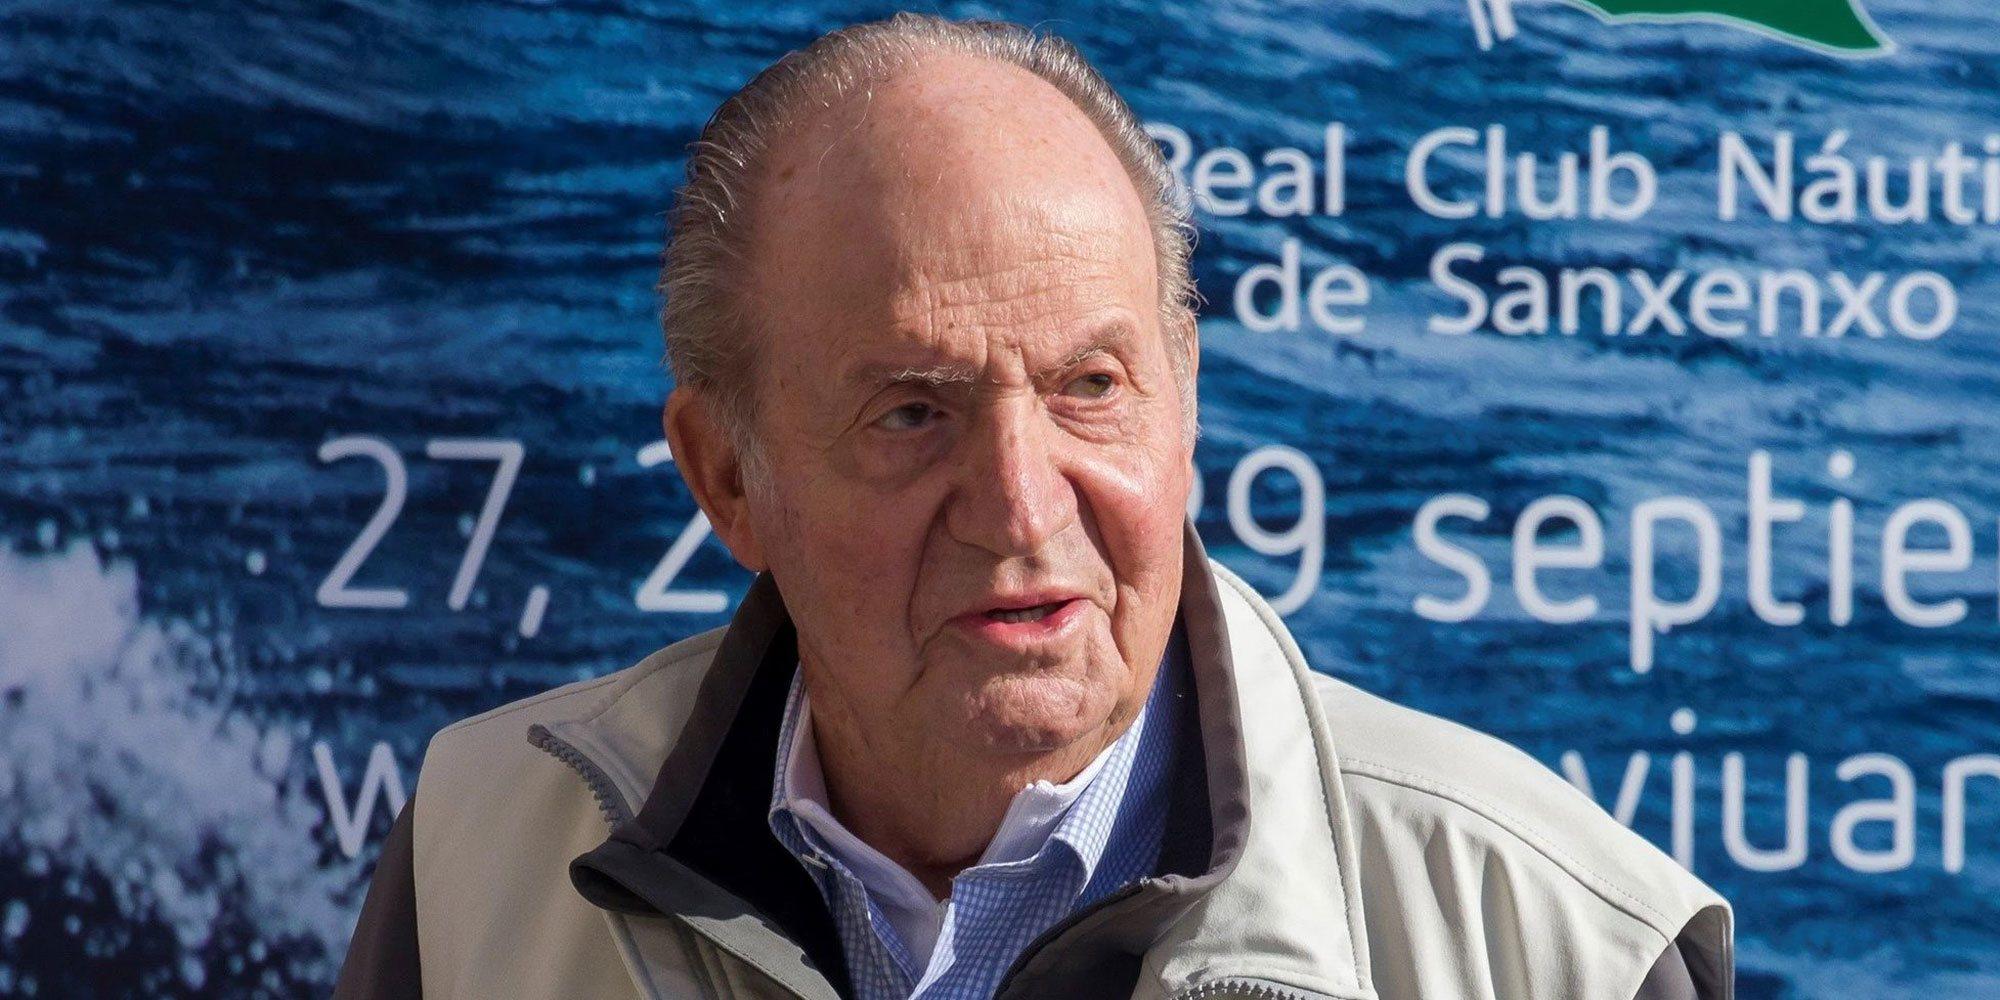 El Rey Juan Carlos asegura estar bien de salud y habla de su rutina deportiva